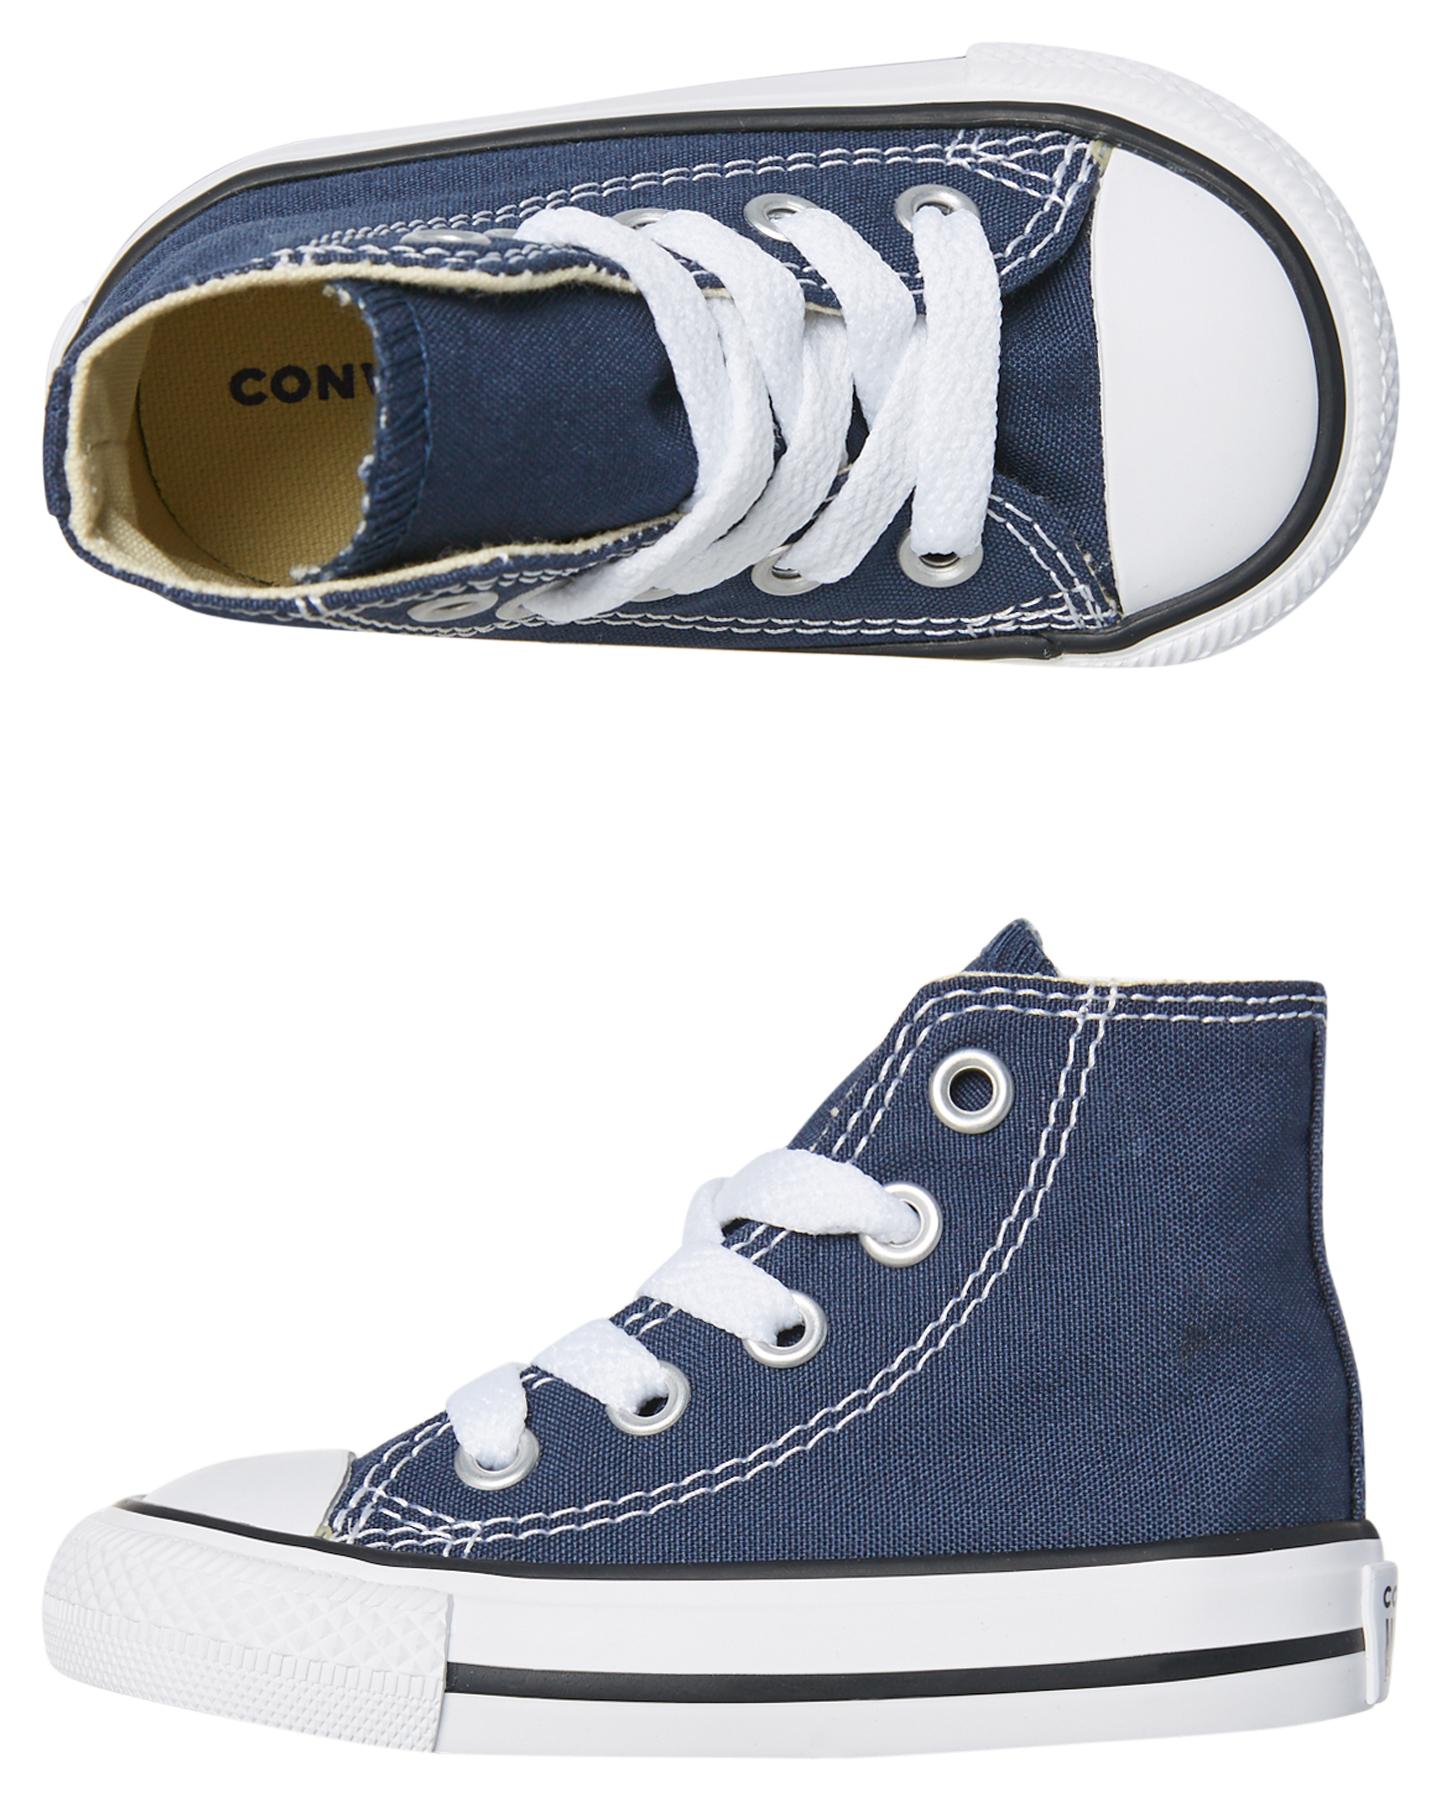 Converse Tots Chuck Taylor All Star Hi Shoe - Navy  1758df58d5